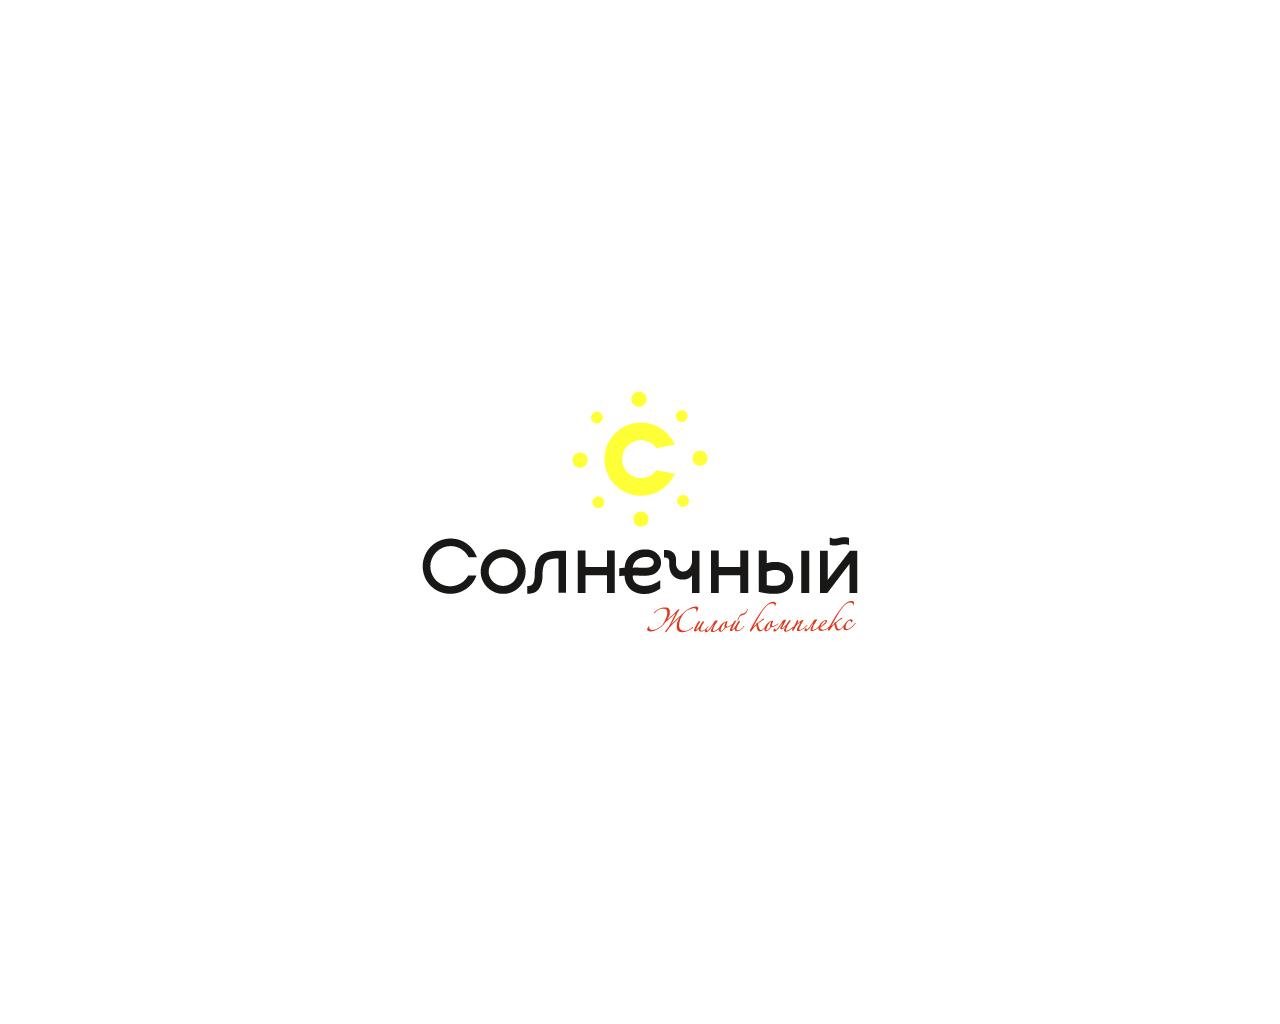 Разработка логотипа и фирменный стиль фото f_914596f3523a2d36.jpg